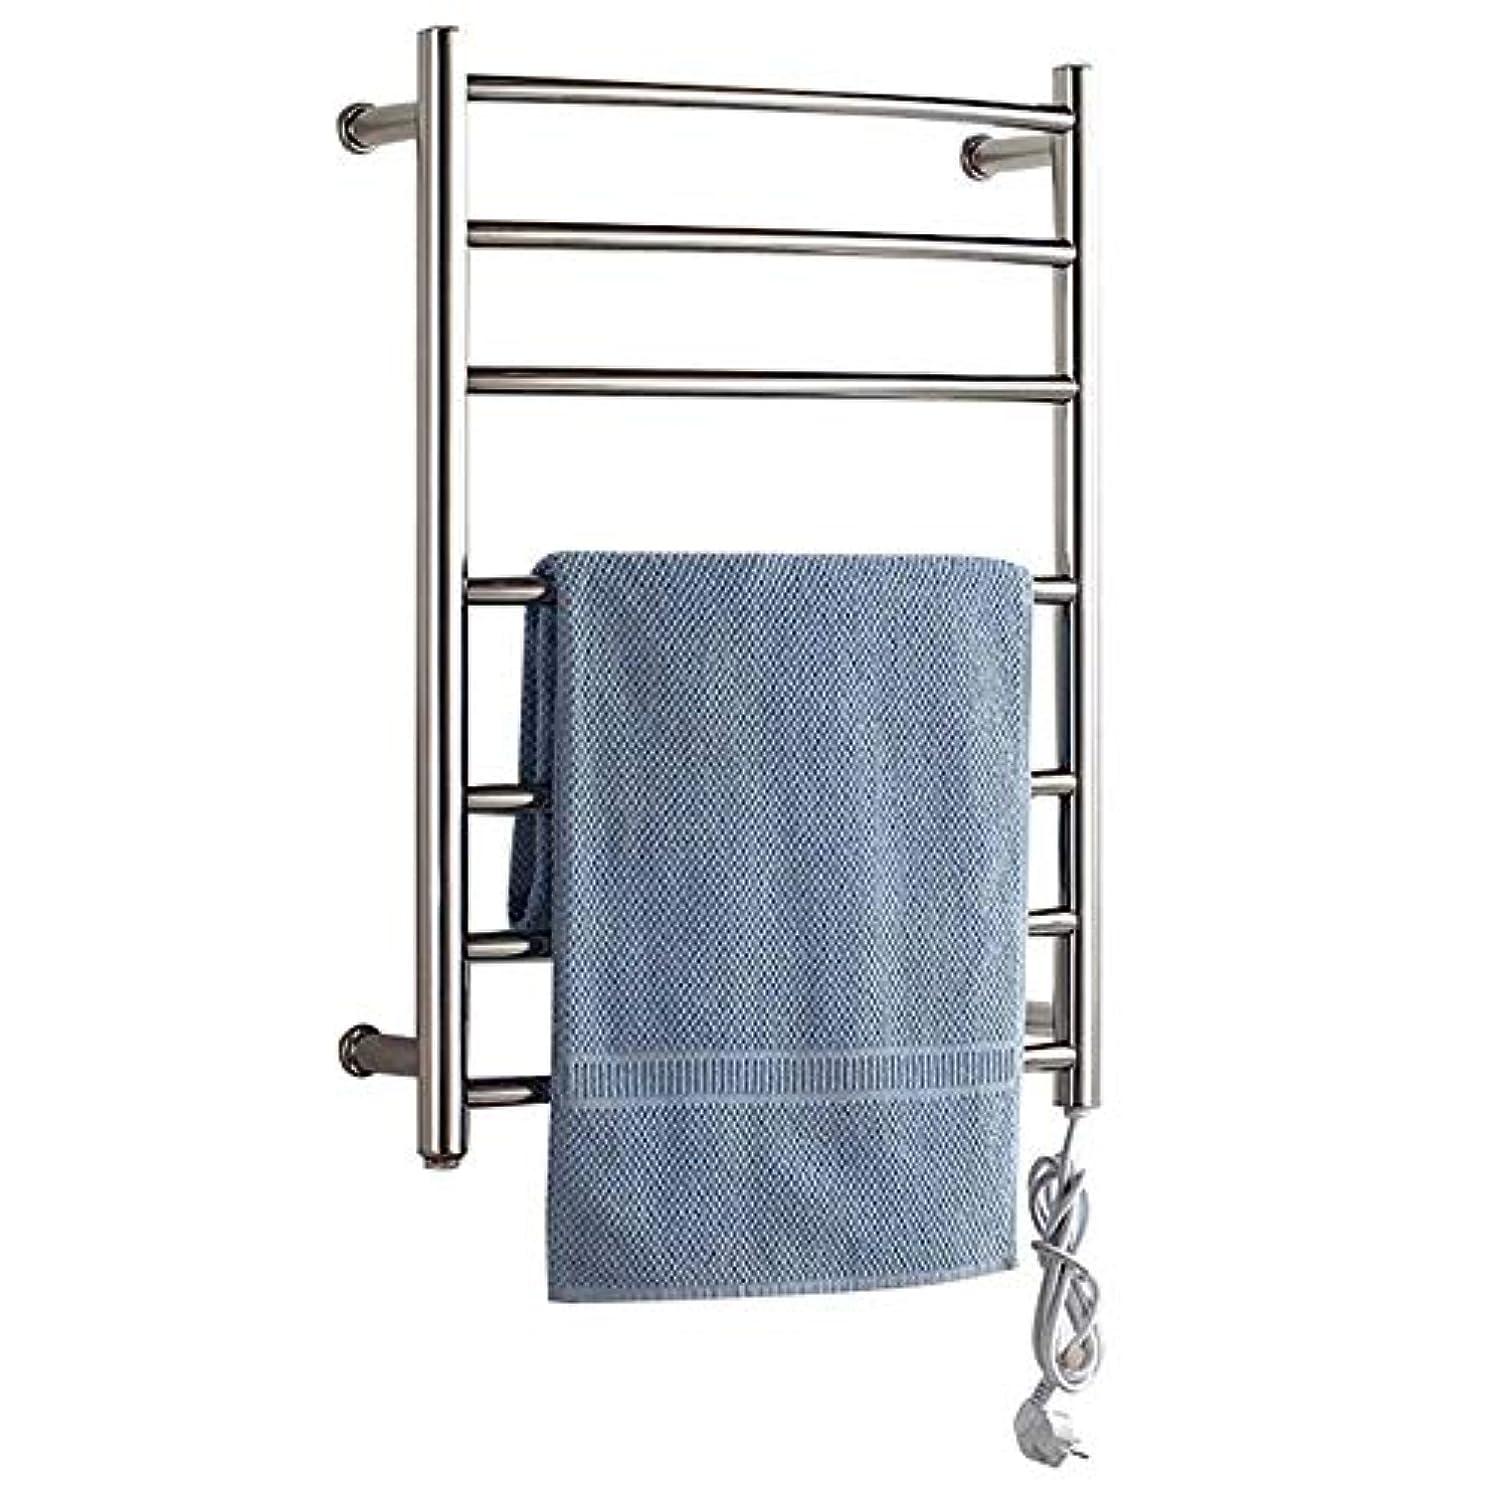 大学生同意しょっぱい壁掛け式電気タオルウォーマー、加熱タオルラック浴室ラジエーター、浴室乾燥ラック、304ステンレス鋼、恒温乾燥、防水および防錆700 * 520 * 125mm